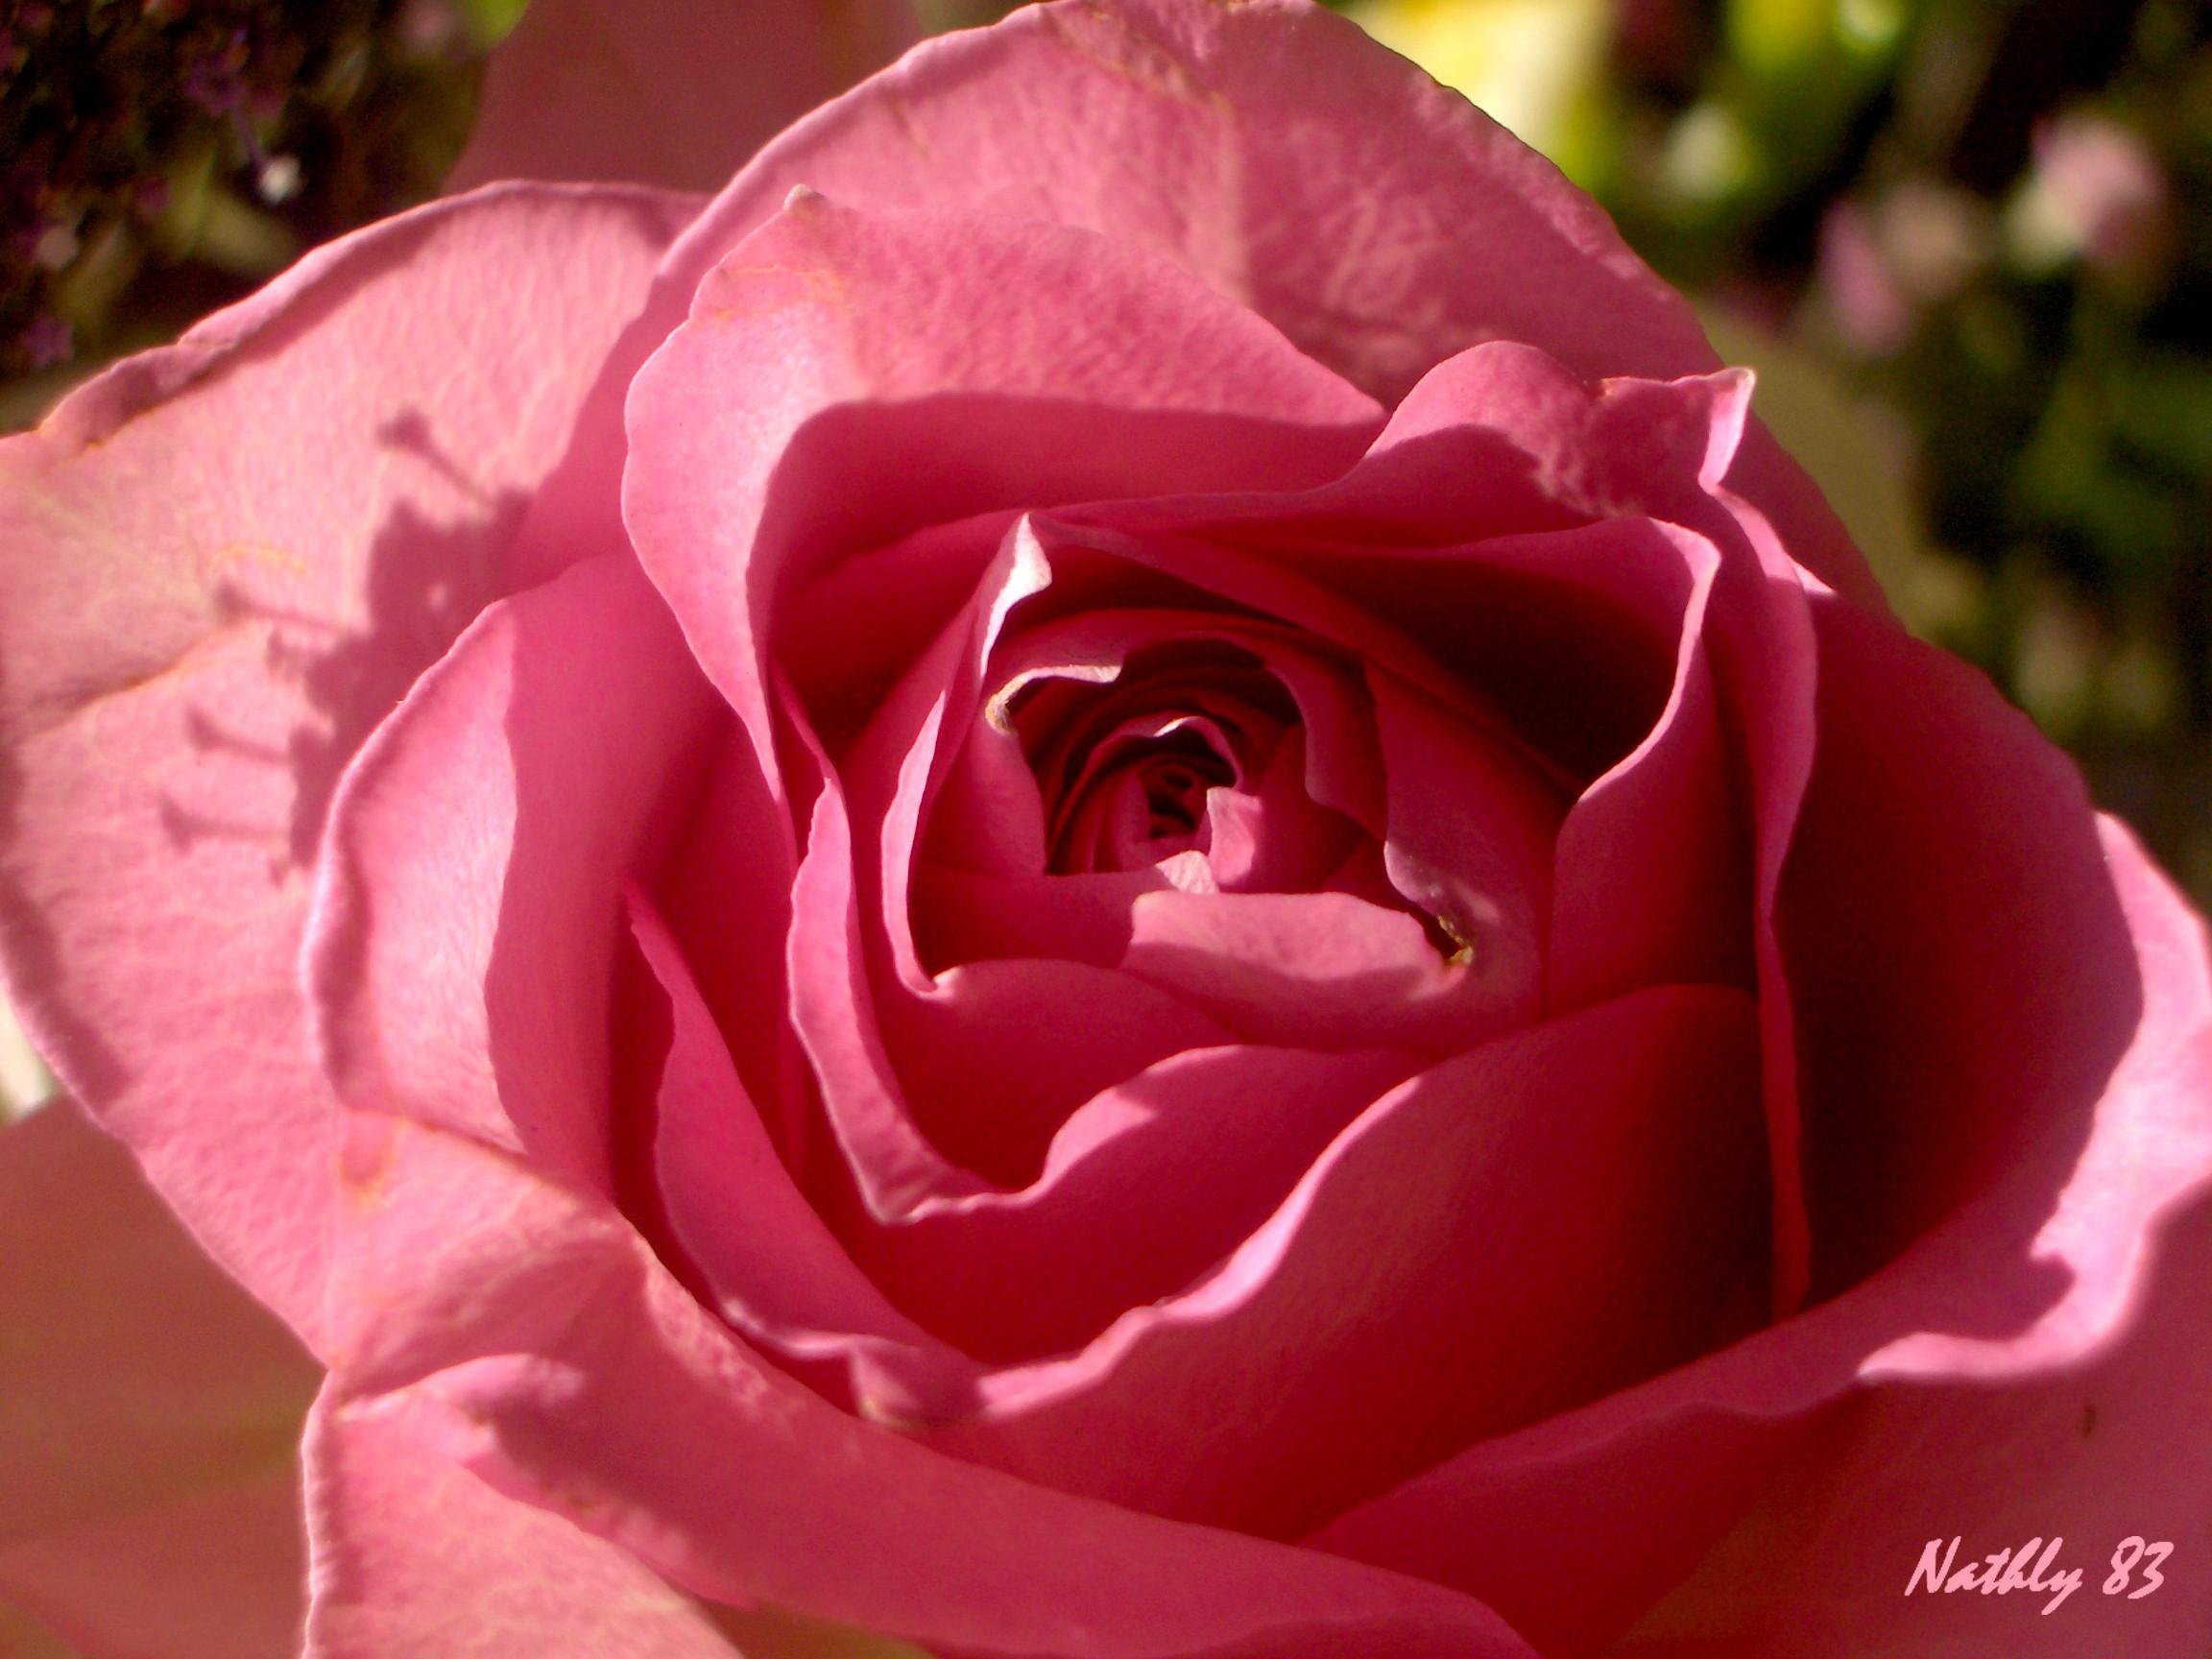 bouquetdu7fvrier07027.jpg